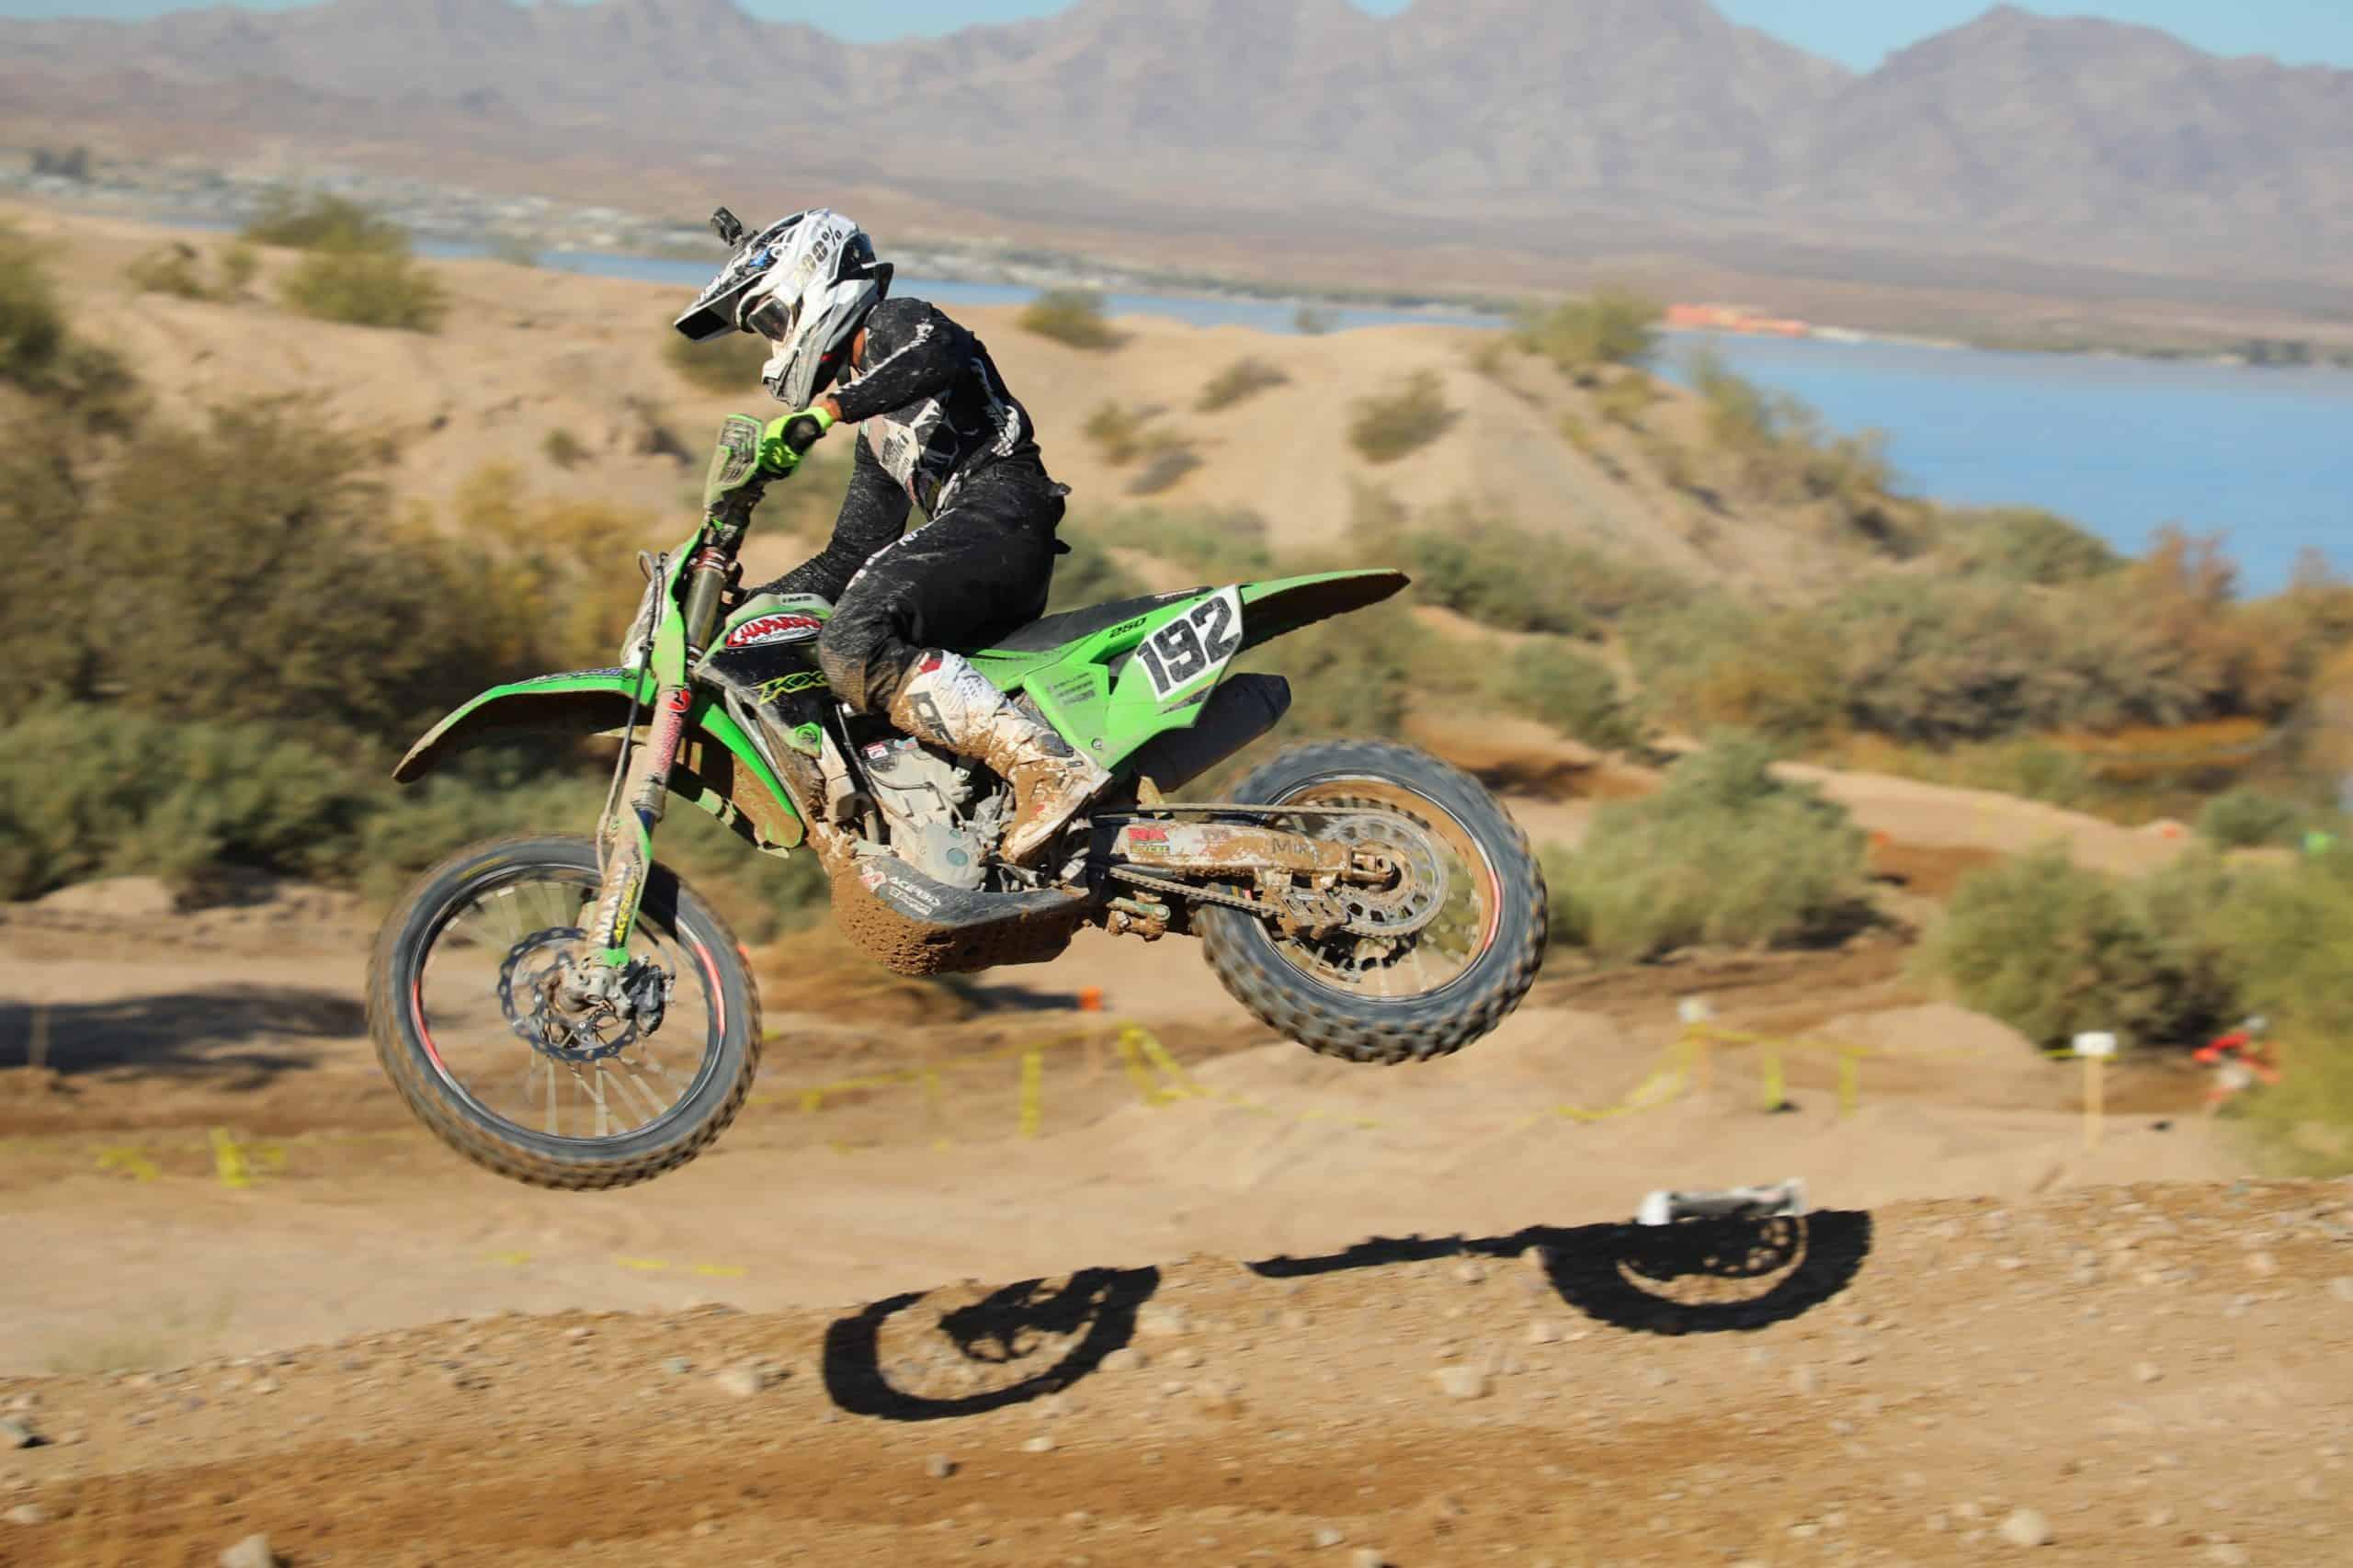 jp alvarez riding his kx250x at the 2020 havasu worcs